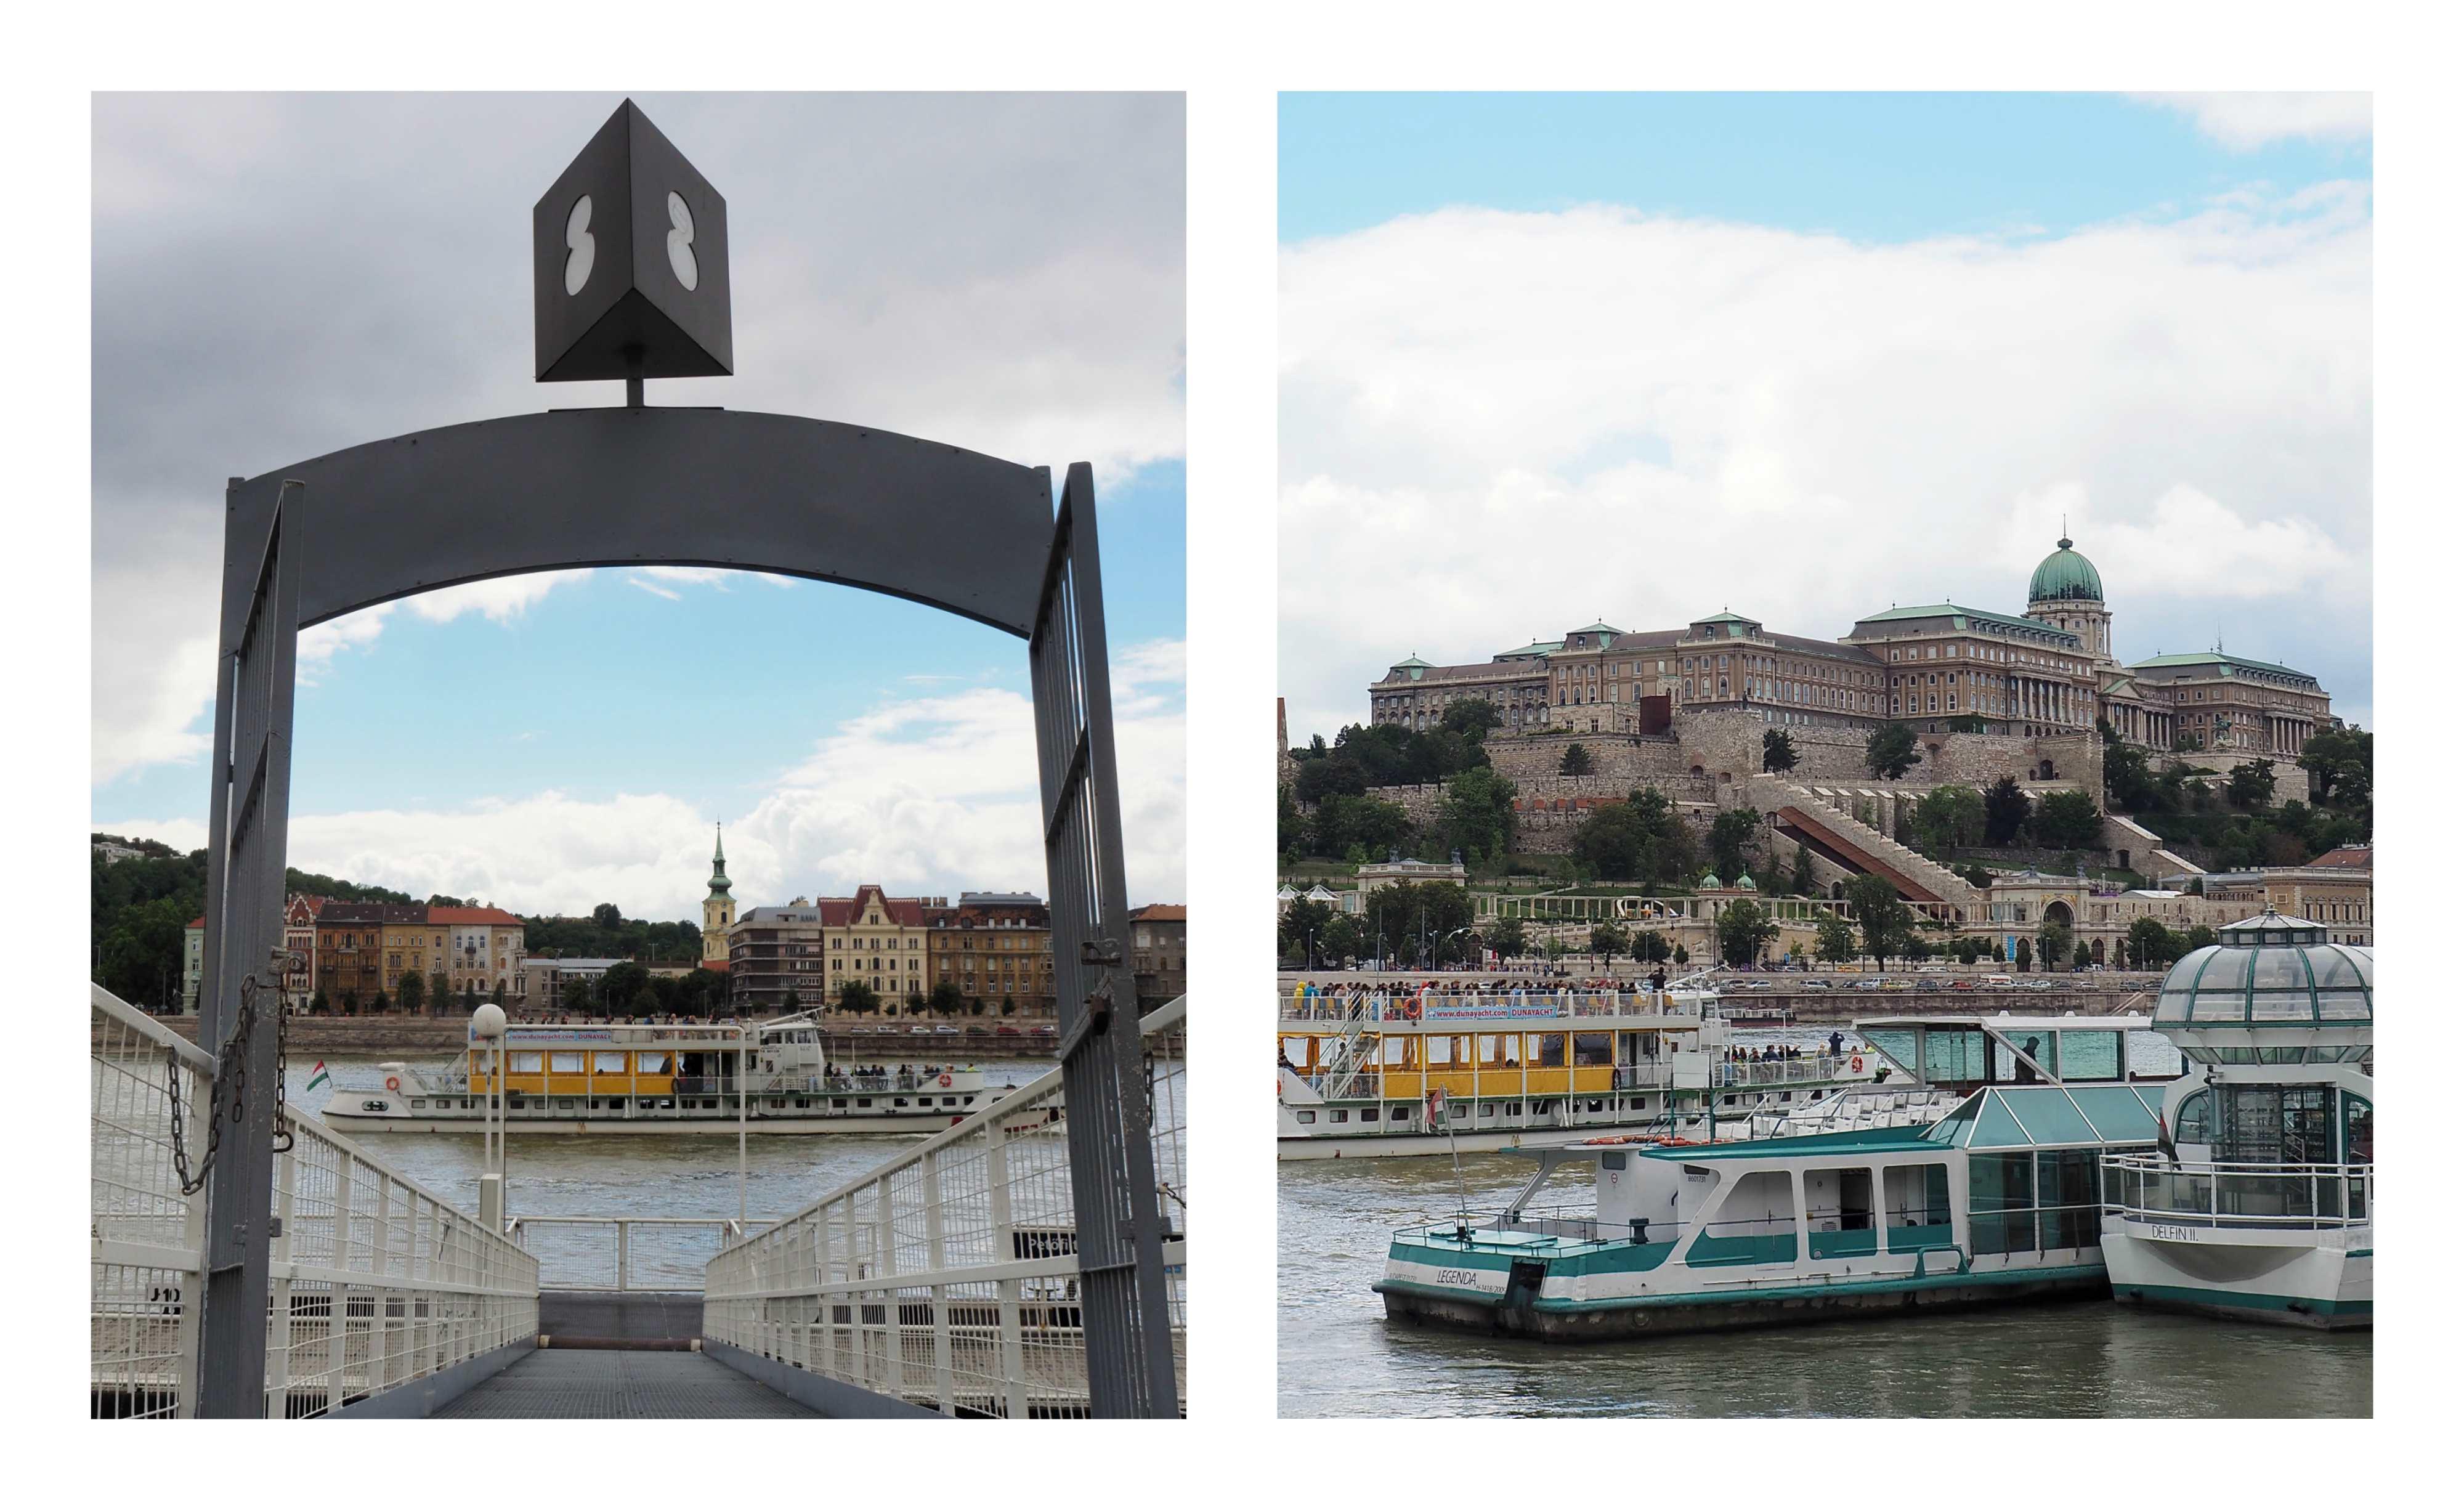 Visite de Budapest en famille, itinéraire sur 5 jours - Sur le Danube, à bord du ferry BKK